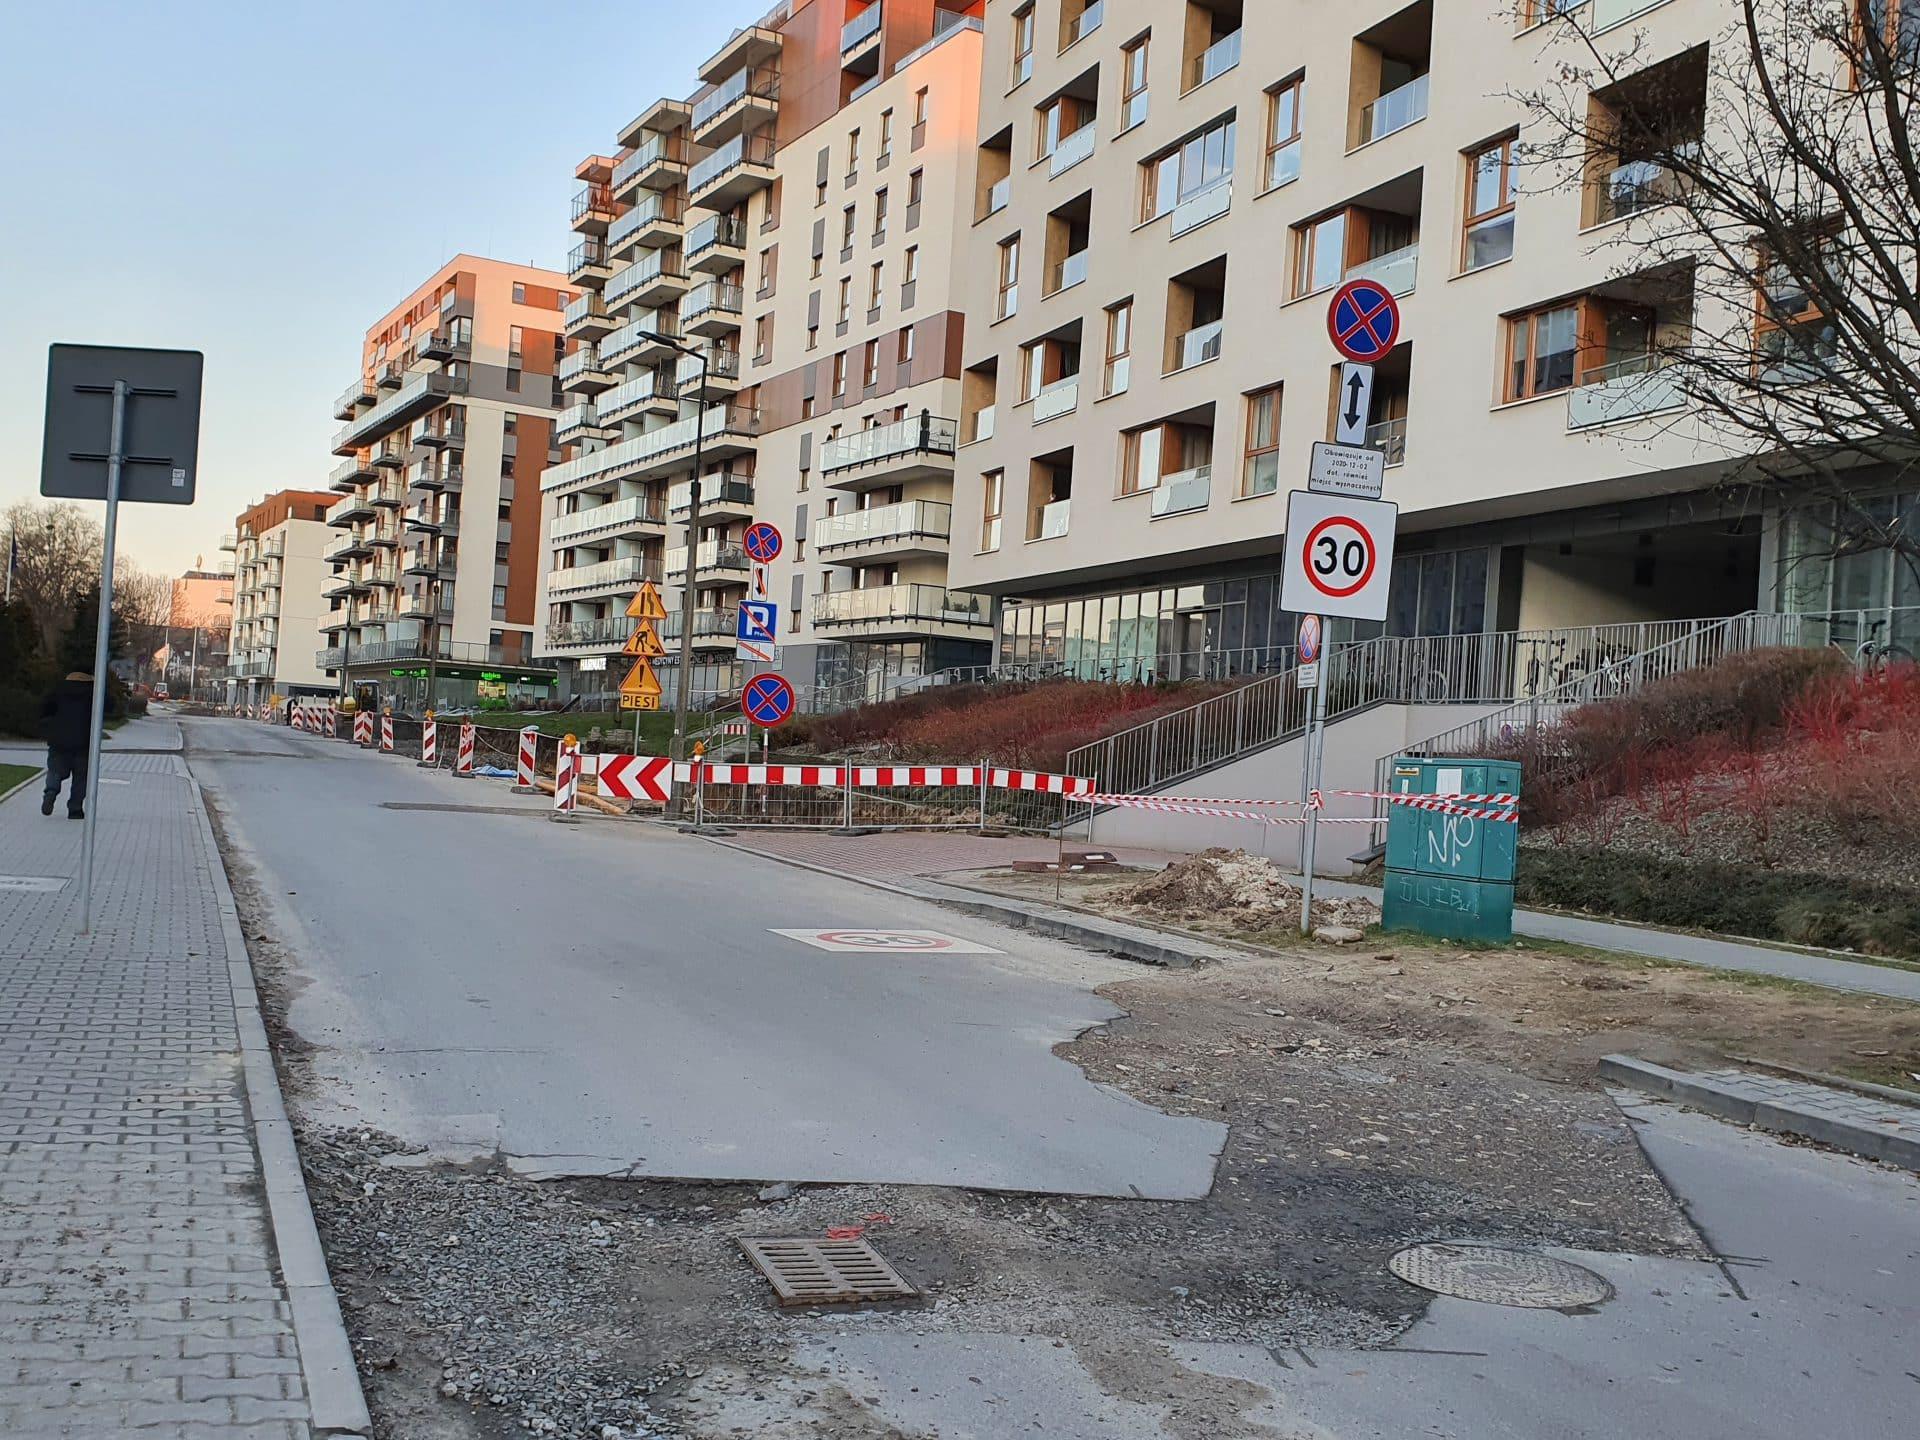 Dziurawe ulice, brak chodników dla pieszych - ulica Wrocławska w pełnej krasie.